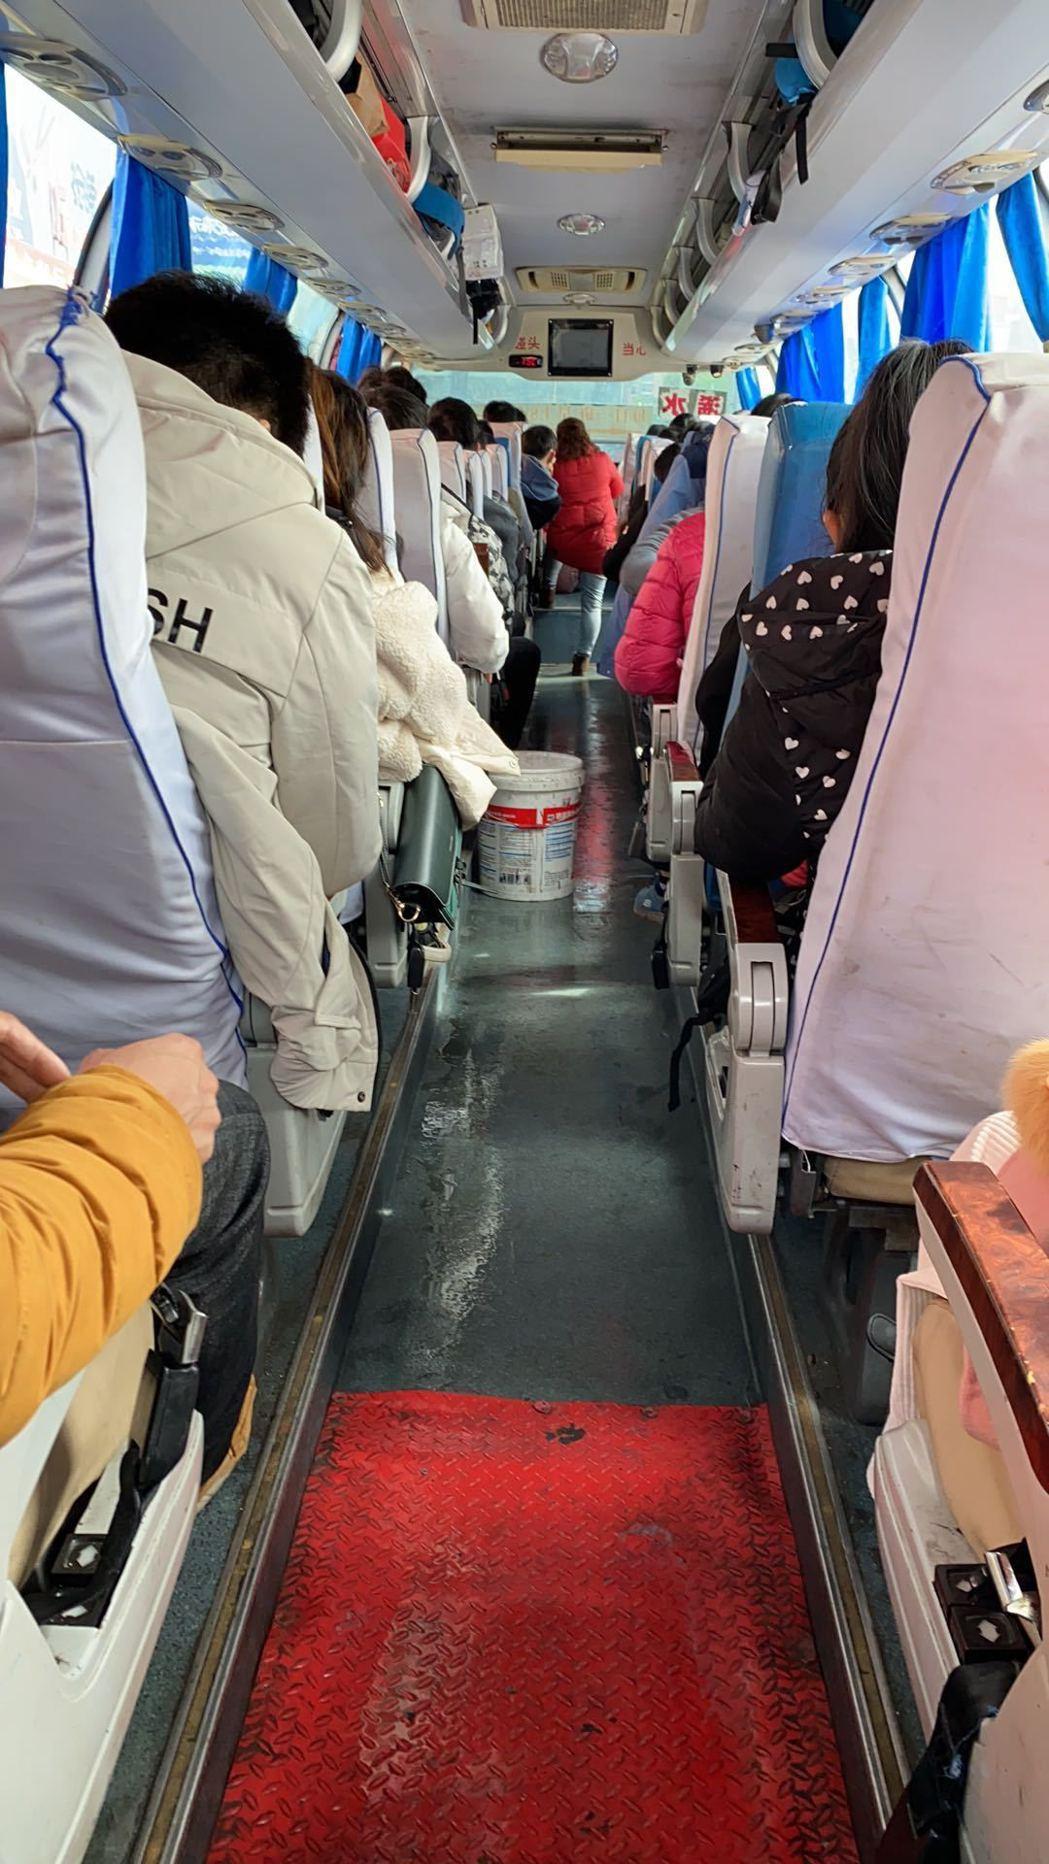 滯留湖北的陸配幼幼,28日和另外八個台灣民眾搭上這班省際客運,從湖北黃岡趕往上海...